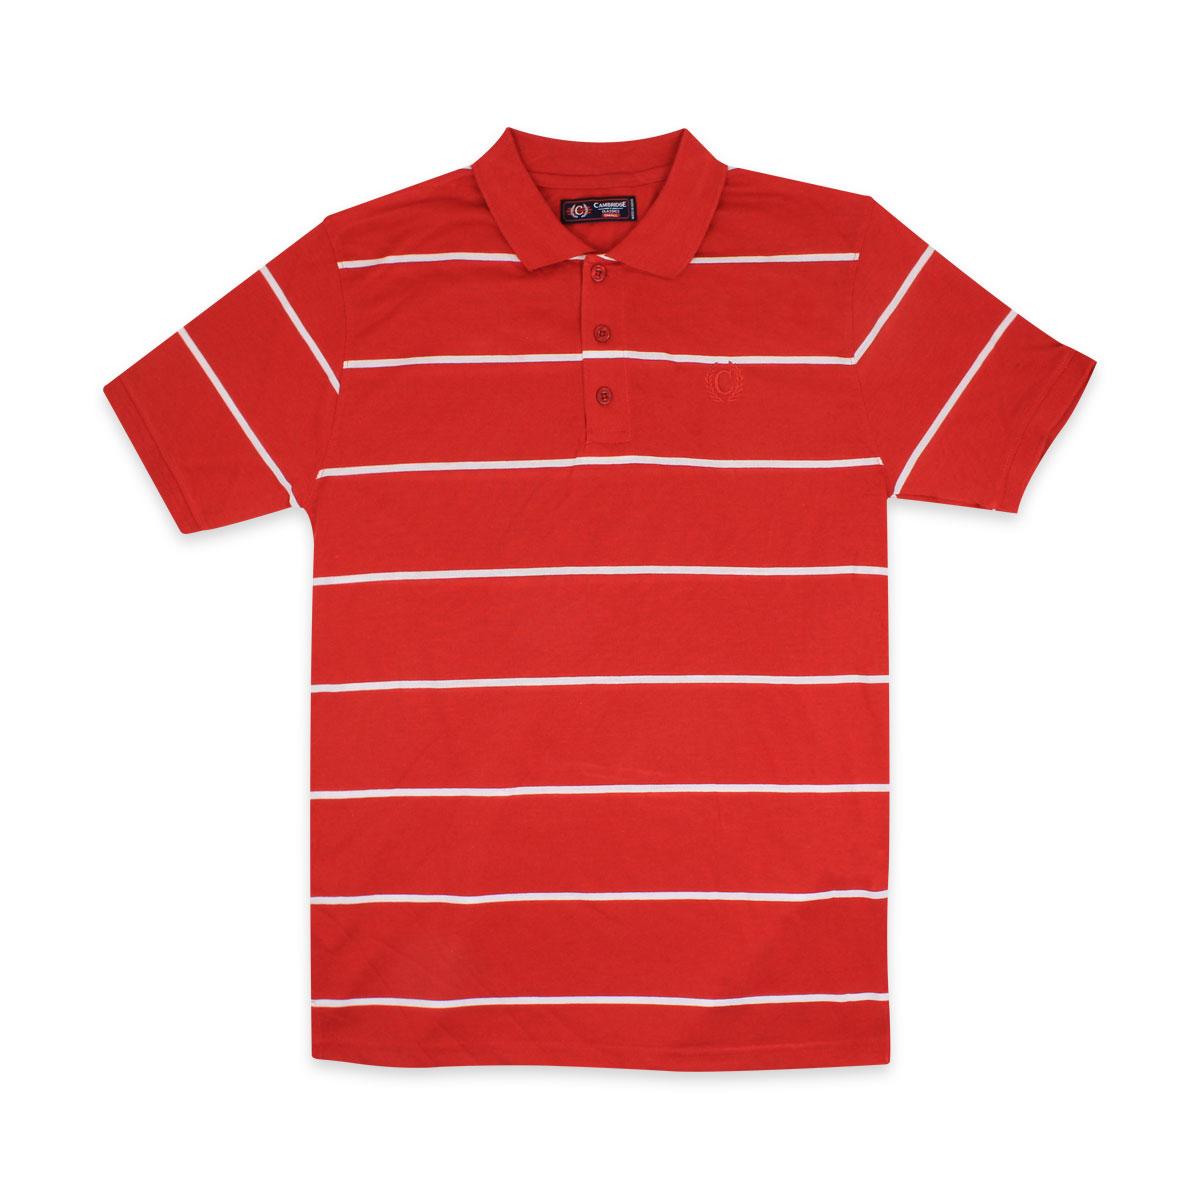 Camisas-Polo-Para-Hombre-A-Rayas-Pique-Con-Cuello-camiseta-Camiseta-Manga-Corta-De-Verano-S-M-L-XL miniatura 30